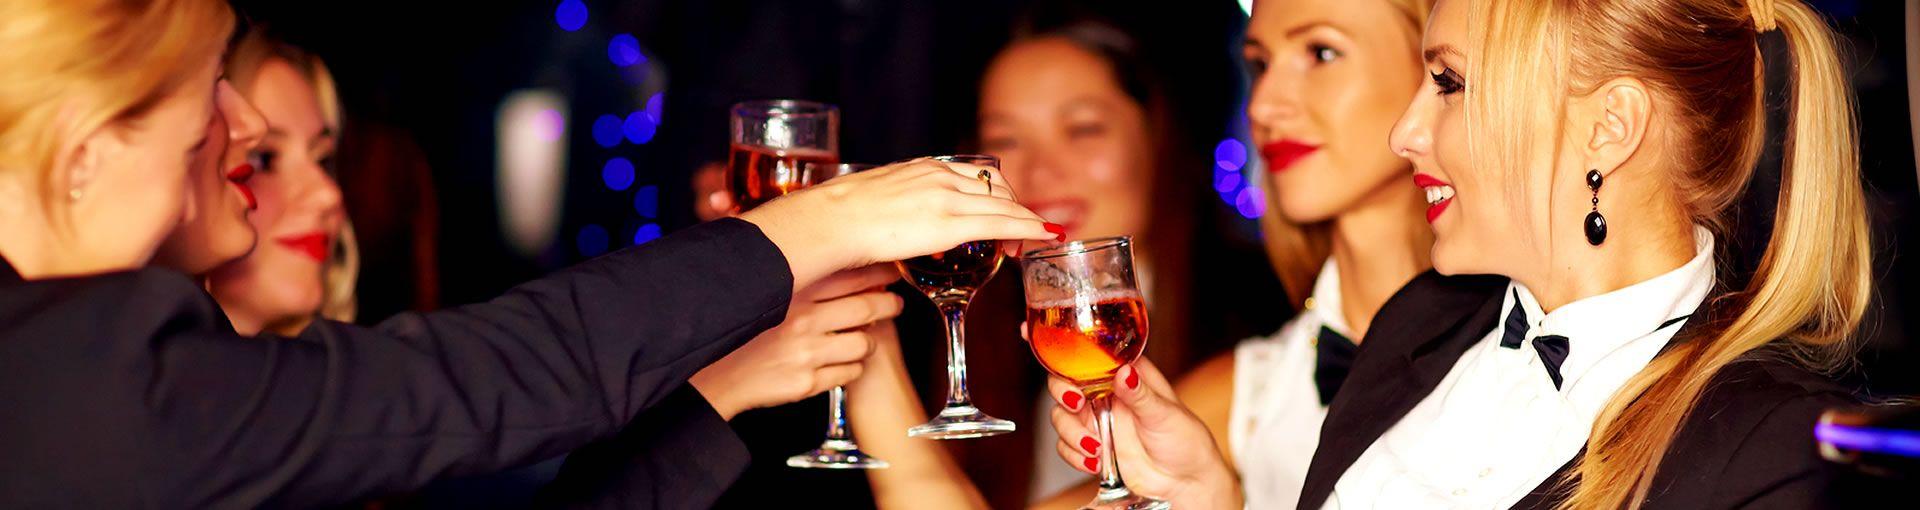 Party Speciais Philadelphia Bachelor/Bachelorette Parties